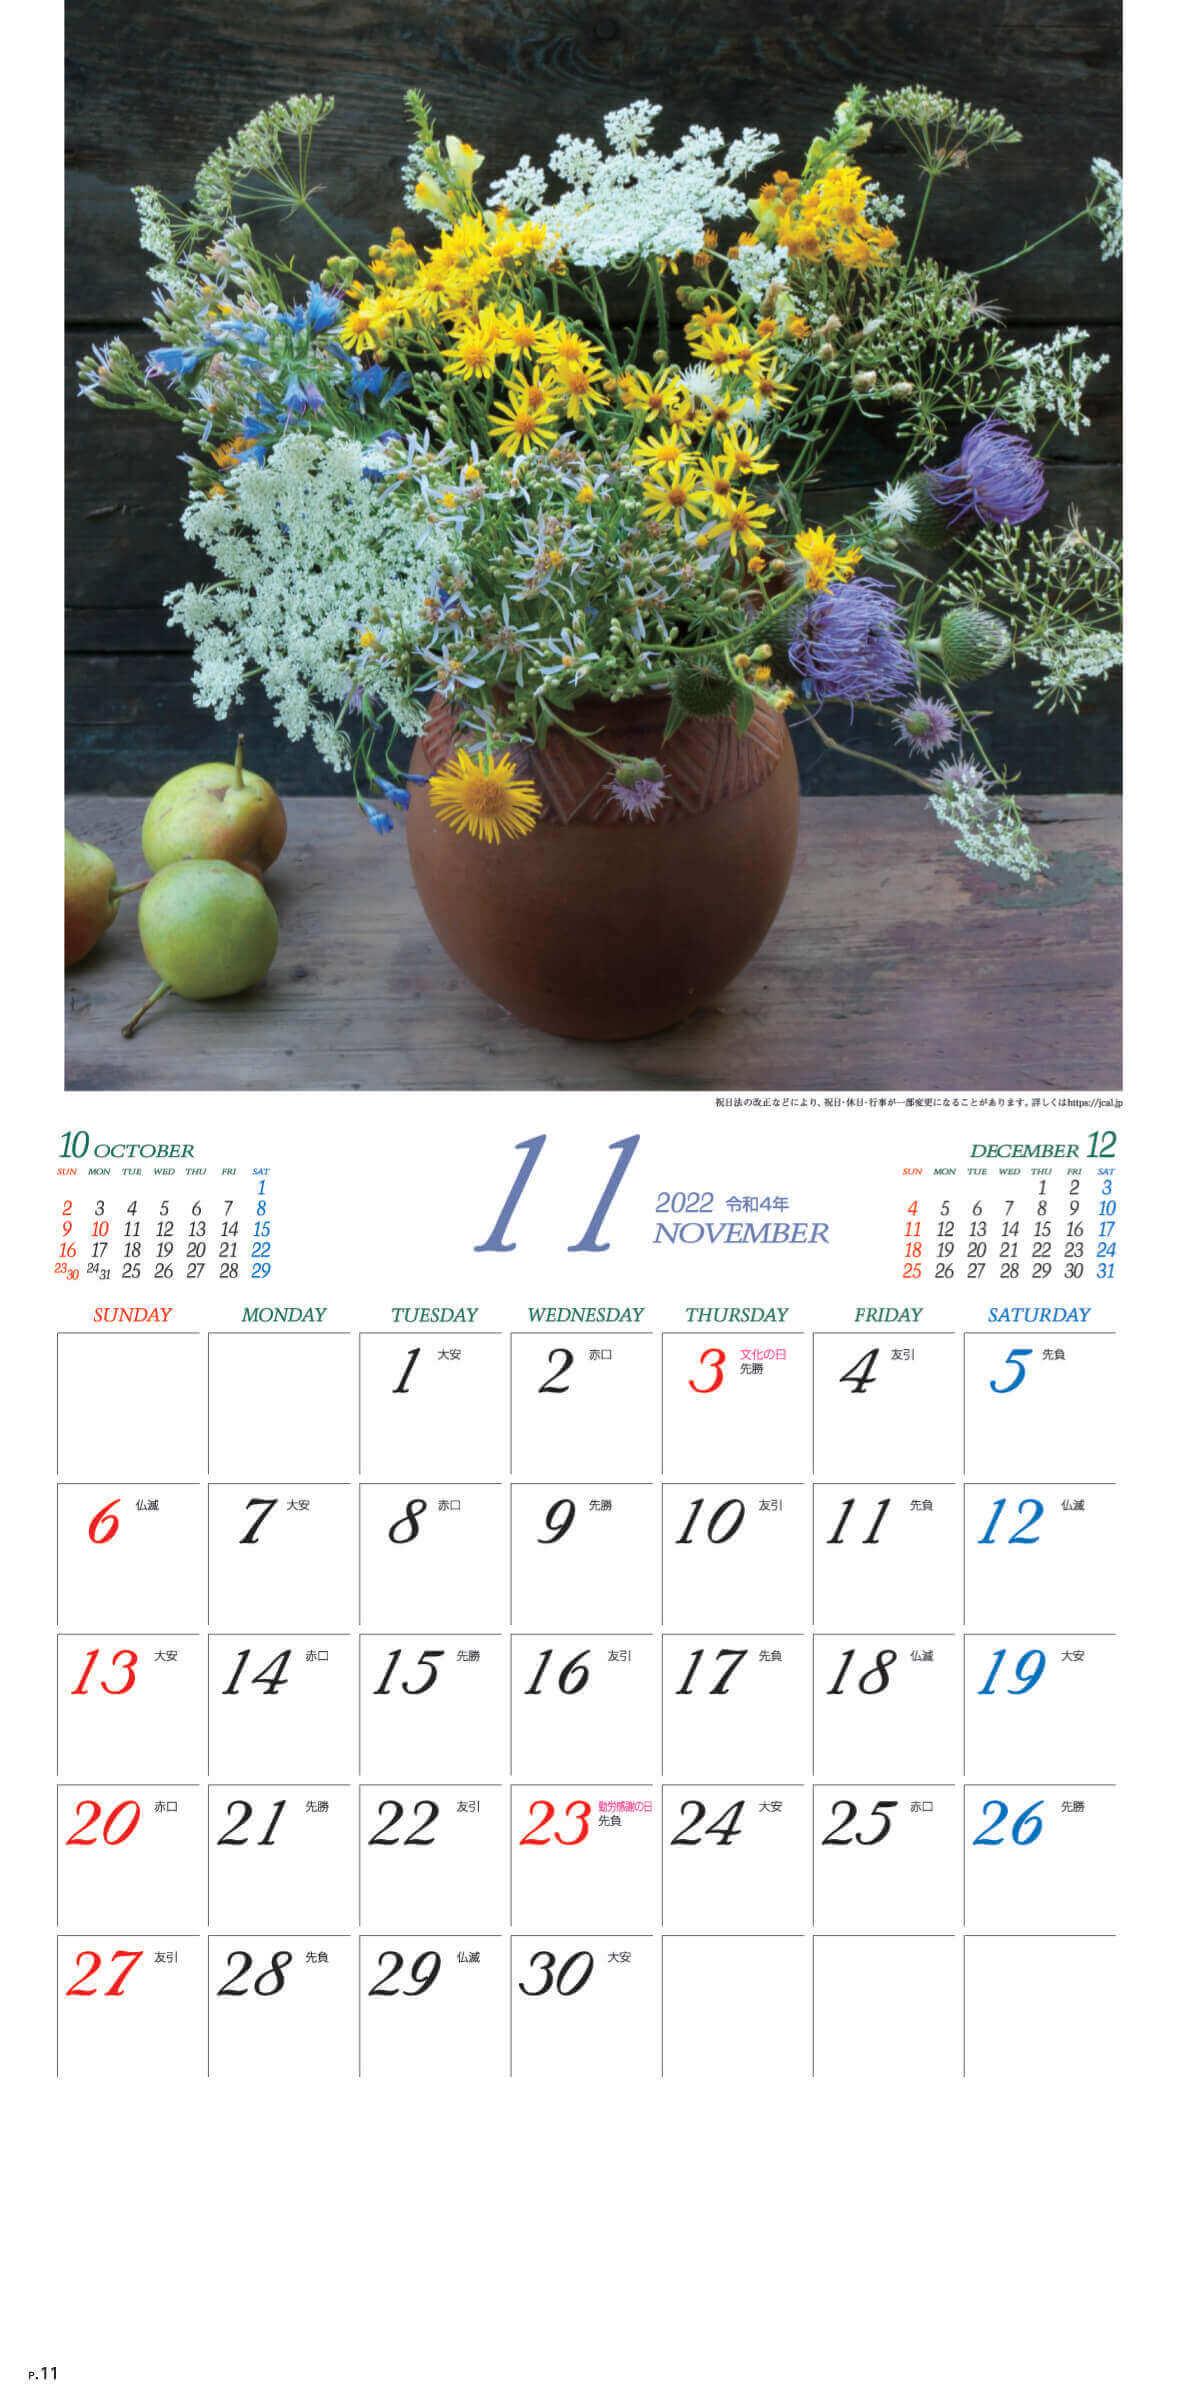 フラワーズ 2022年カレンダーの画像